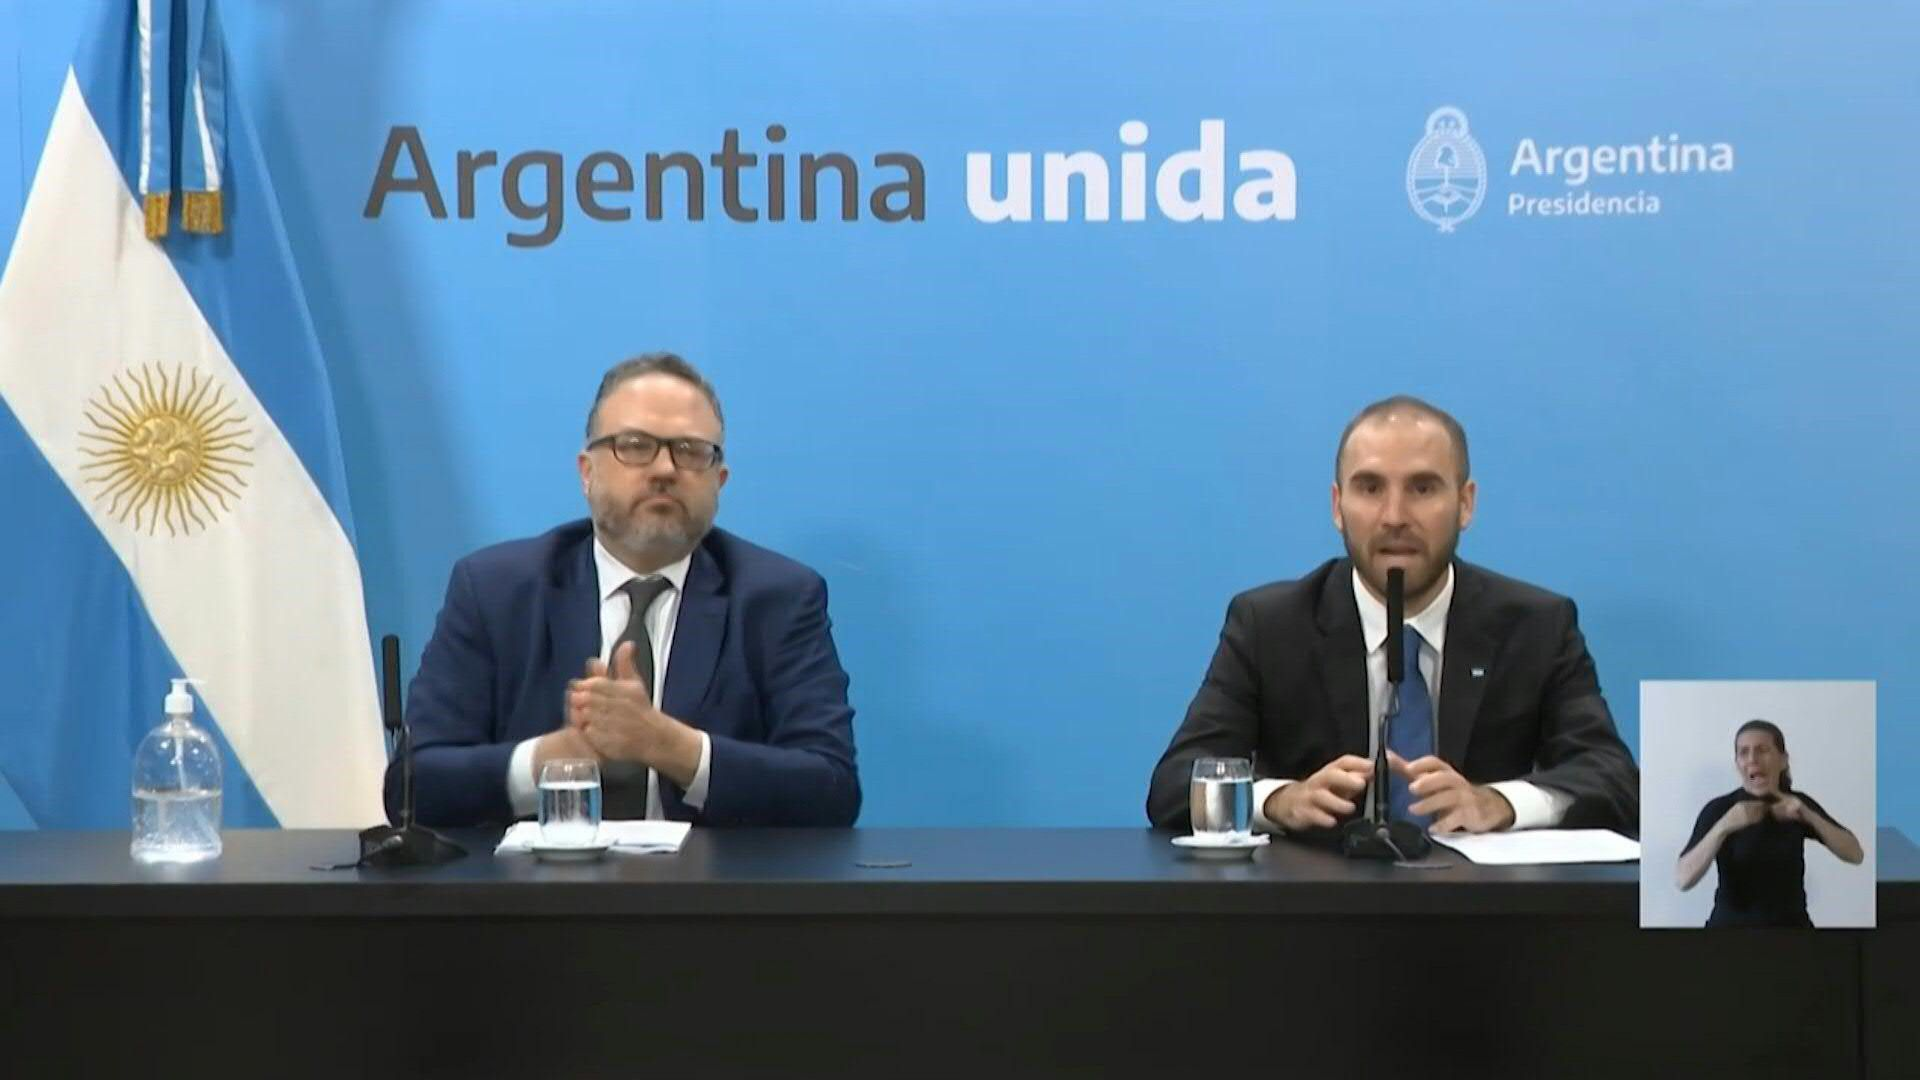 Los gobiernos de Argentina y Brasil anunciaron el martes medidas económicas como subsidios, inversiones y créditos para afrontar las consecuencias que pueda tener la pandemia del nuevo coronavirus.